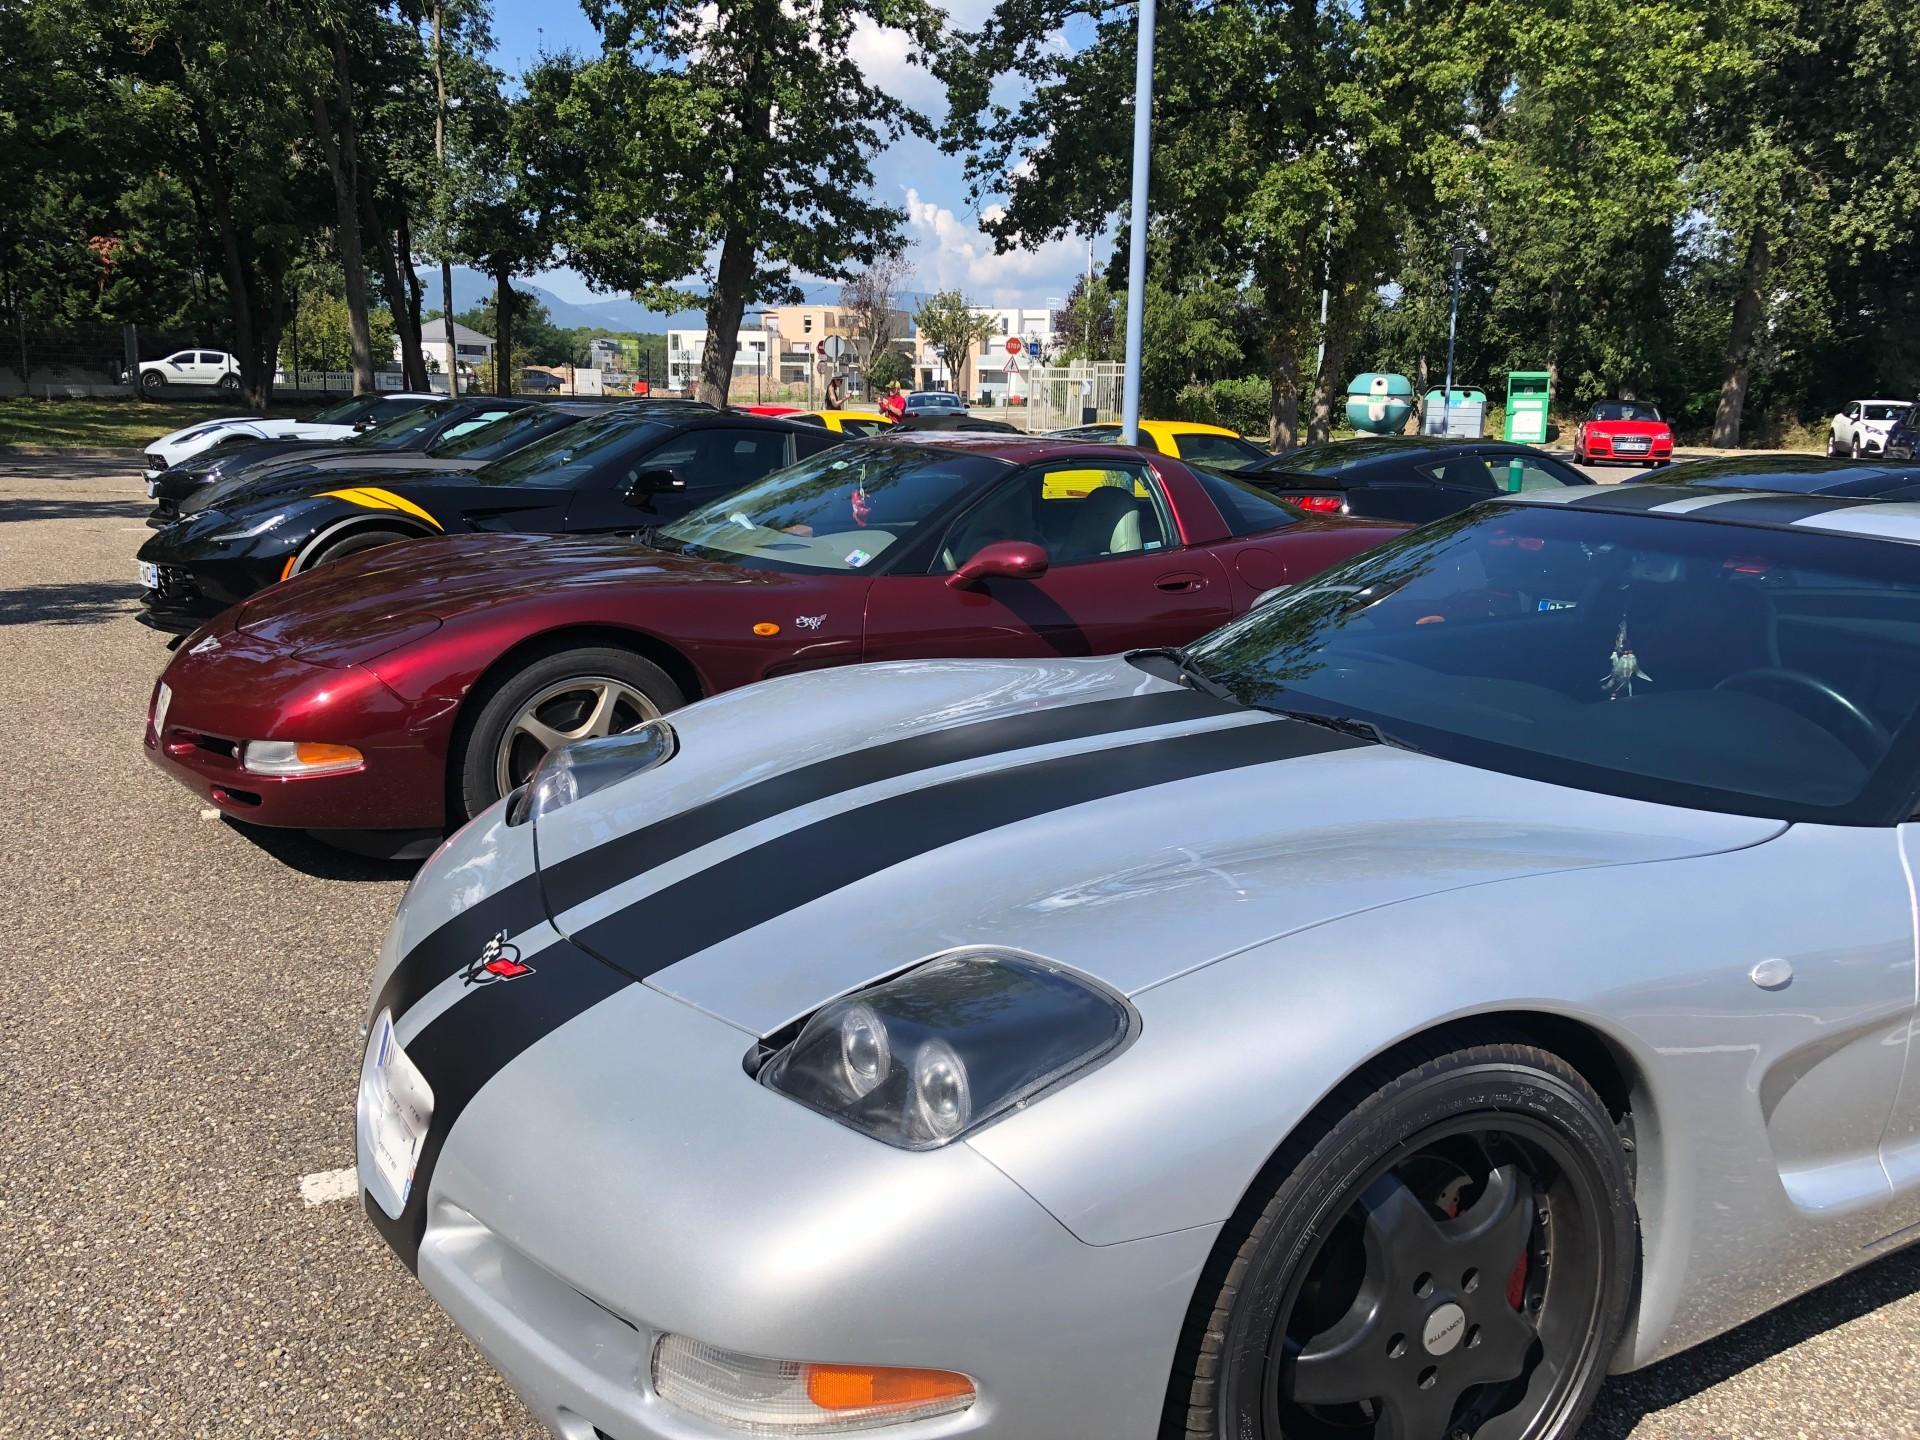 Corvette day 36